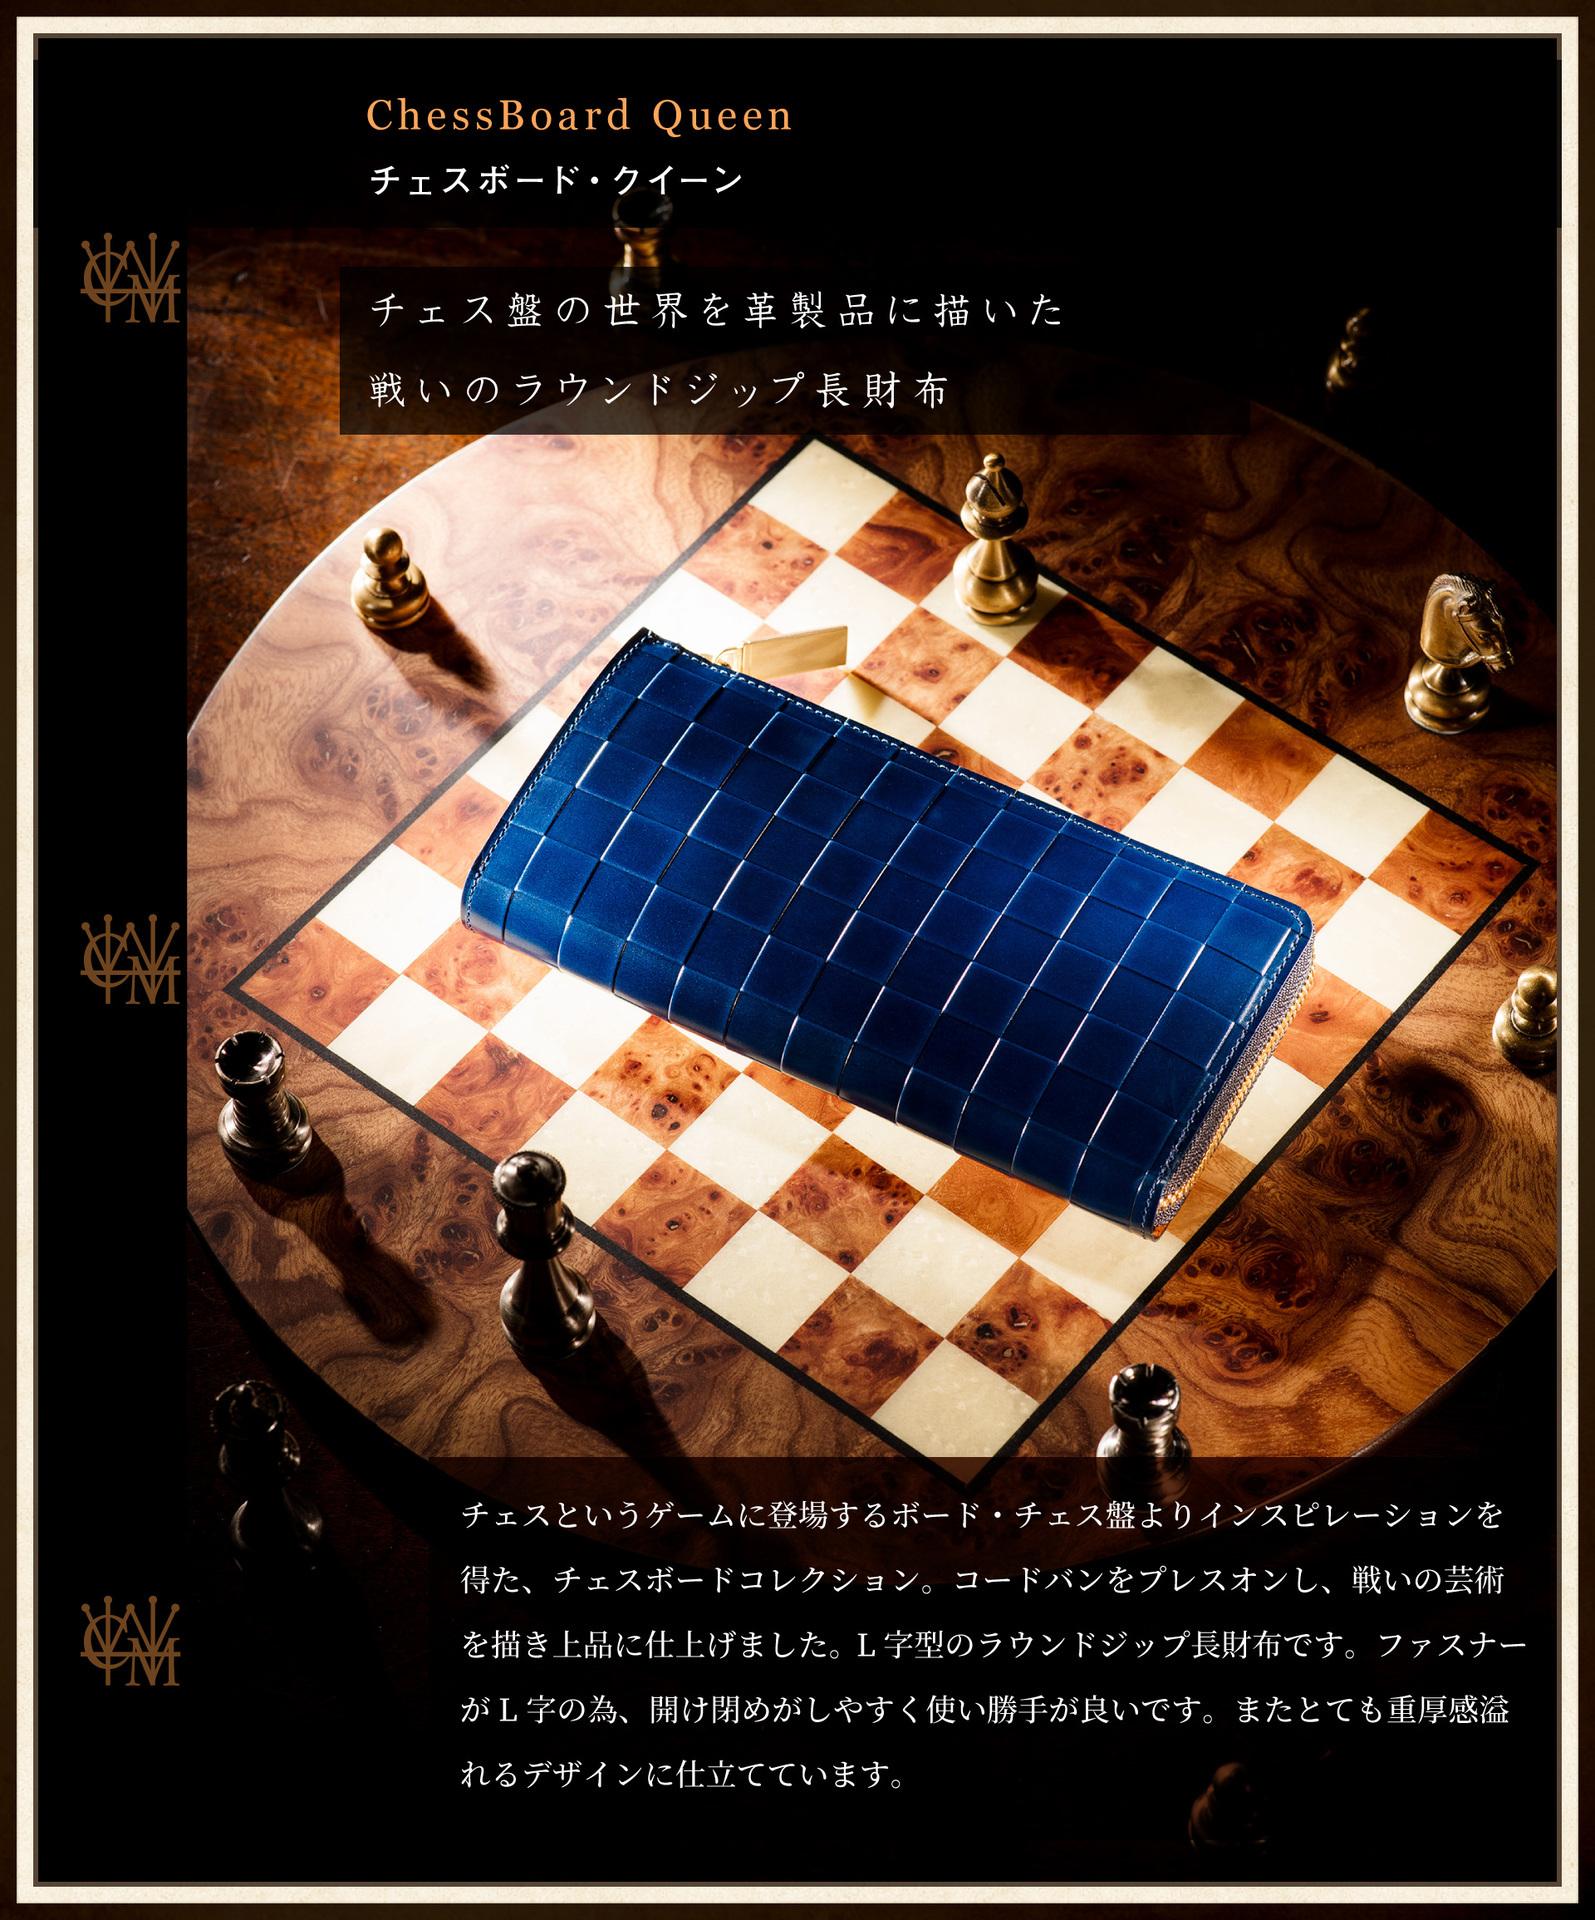 チェスボード・クイーン